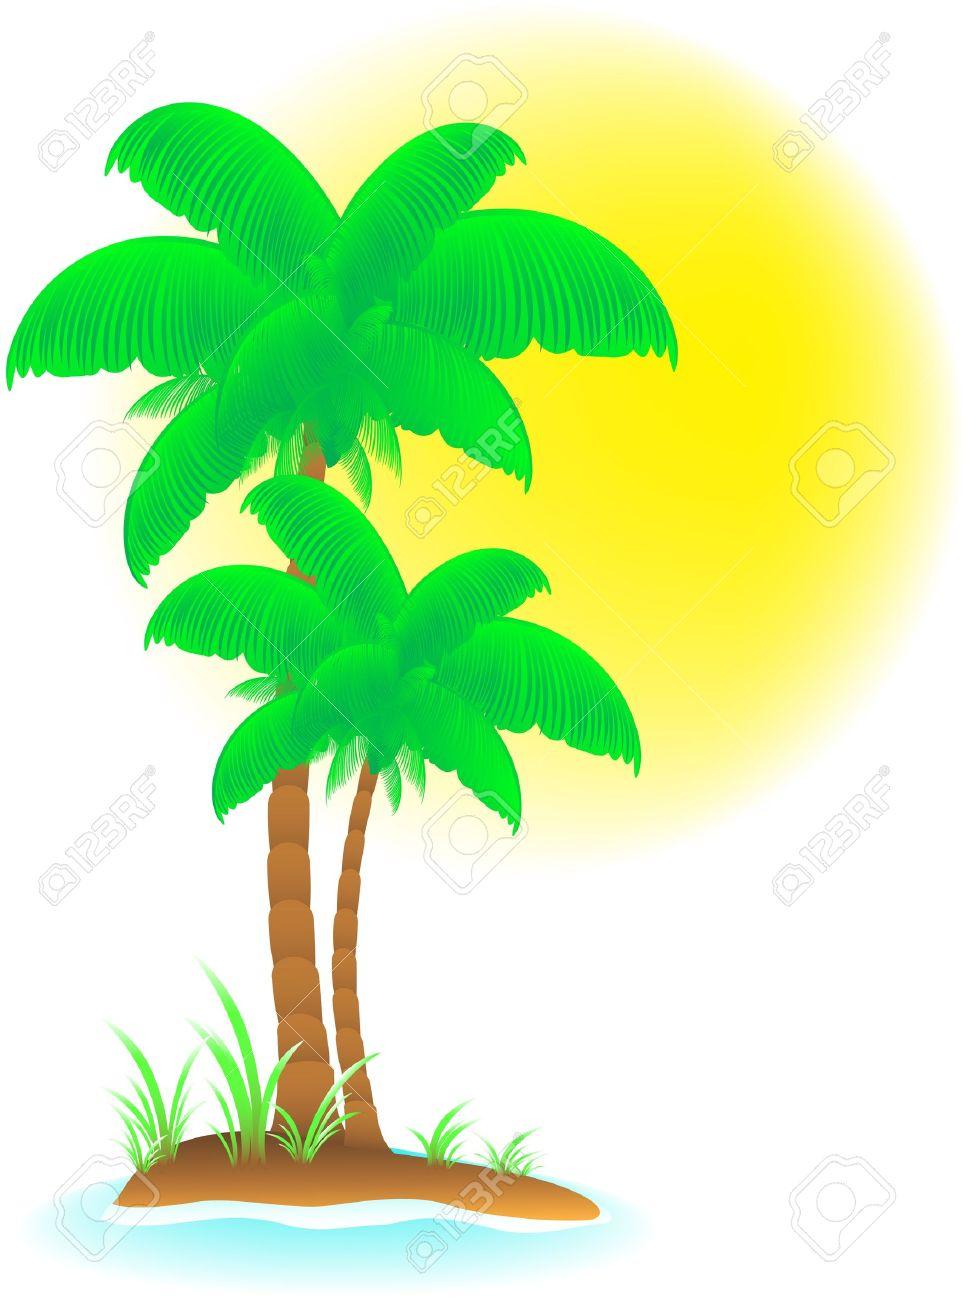 Fondo Aislado Tropical Con Palmeras La Playa Y El Sol